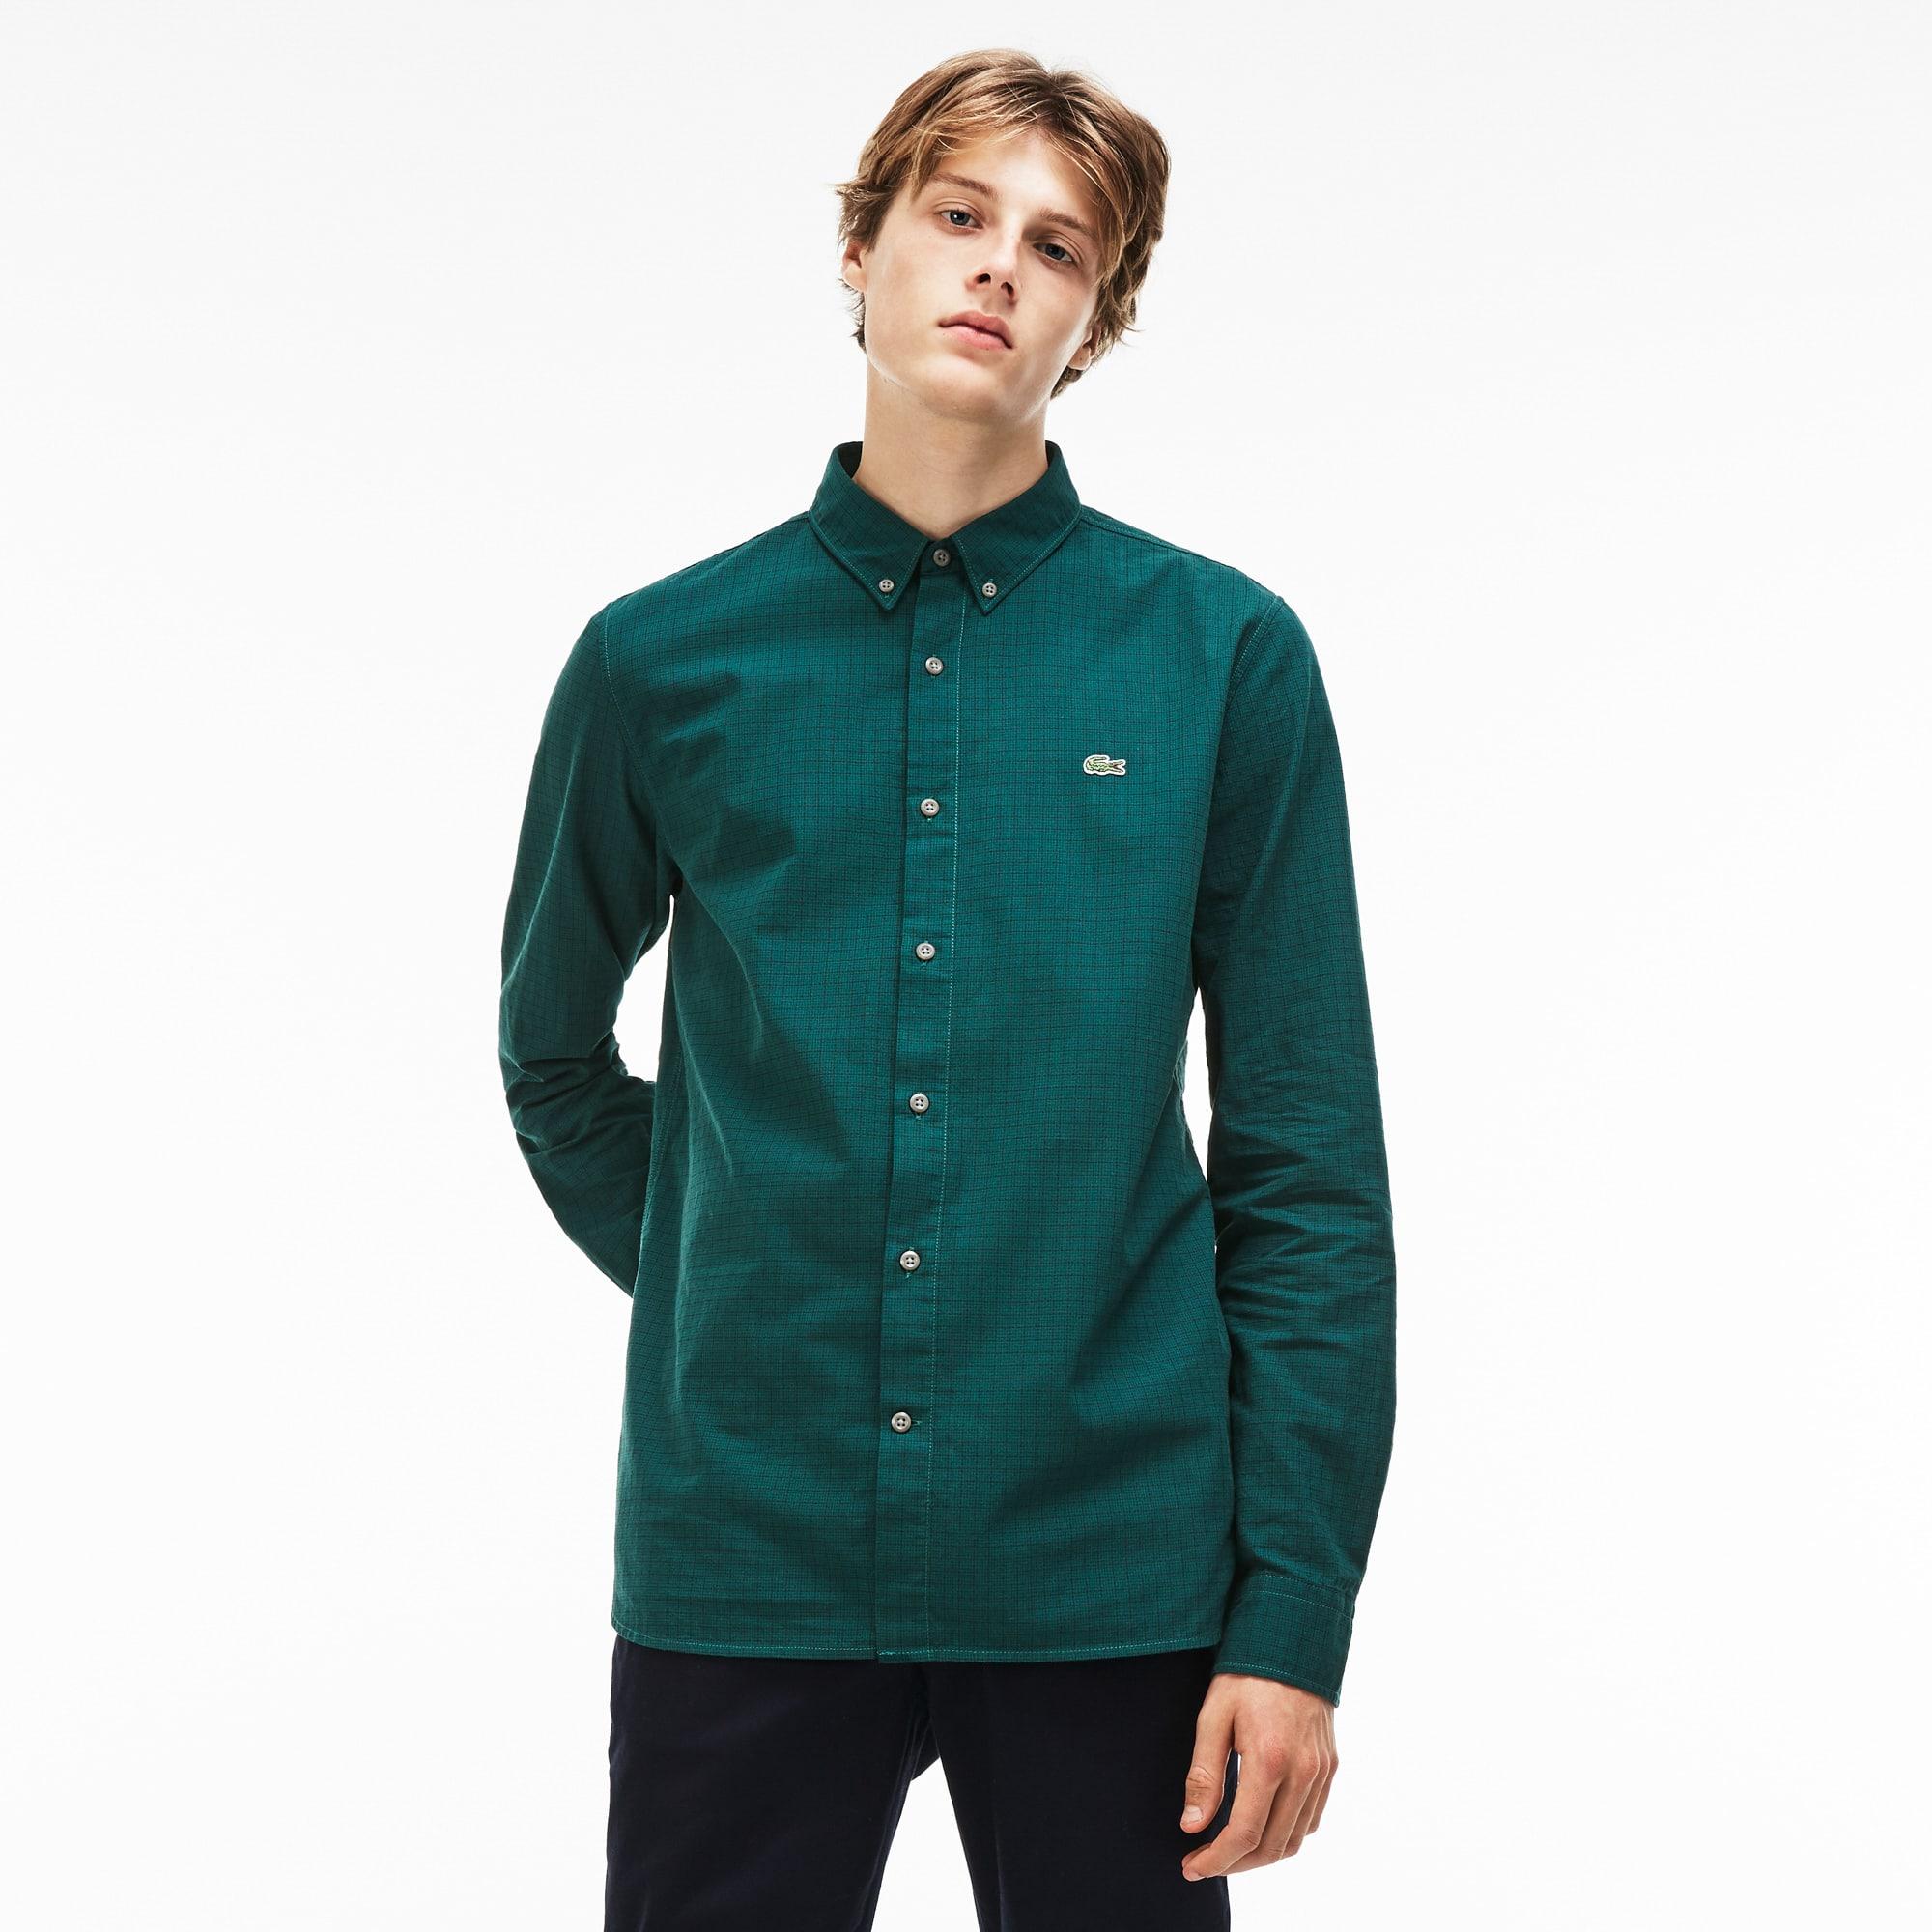 Men's Lacoste LIVE Slim Fit Check Salt-And-Pepper Cotton Shirt